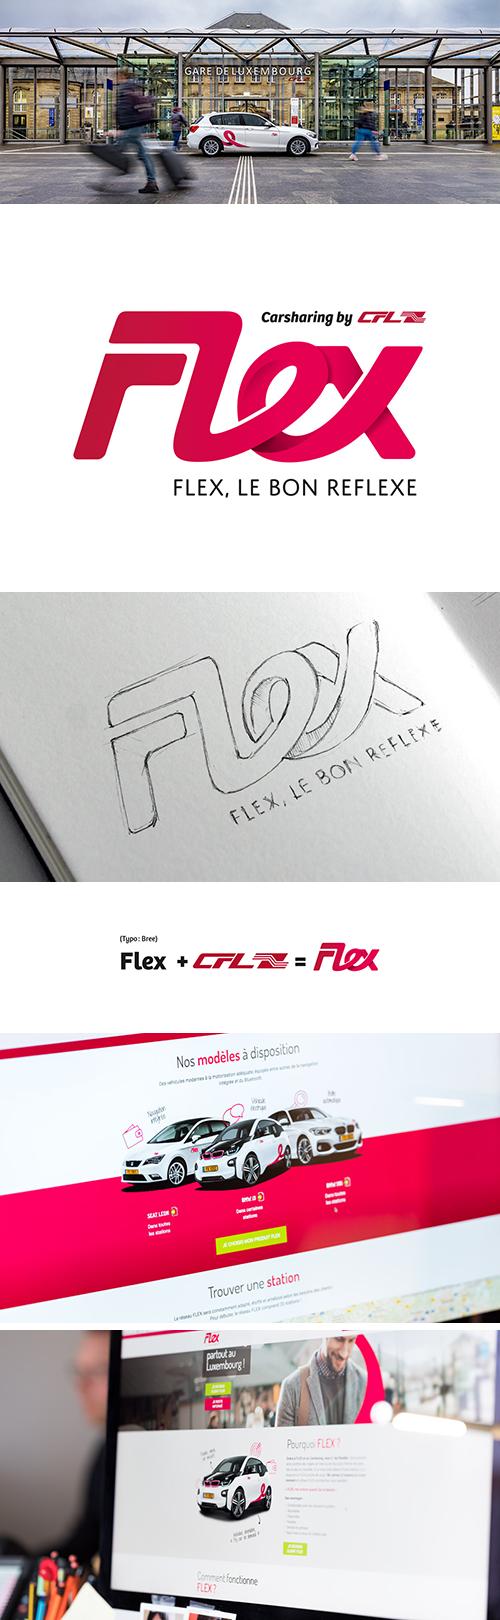 Cfl Mobility Deploie Son Concept De Carsharing Flex Avec Noosphere